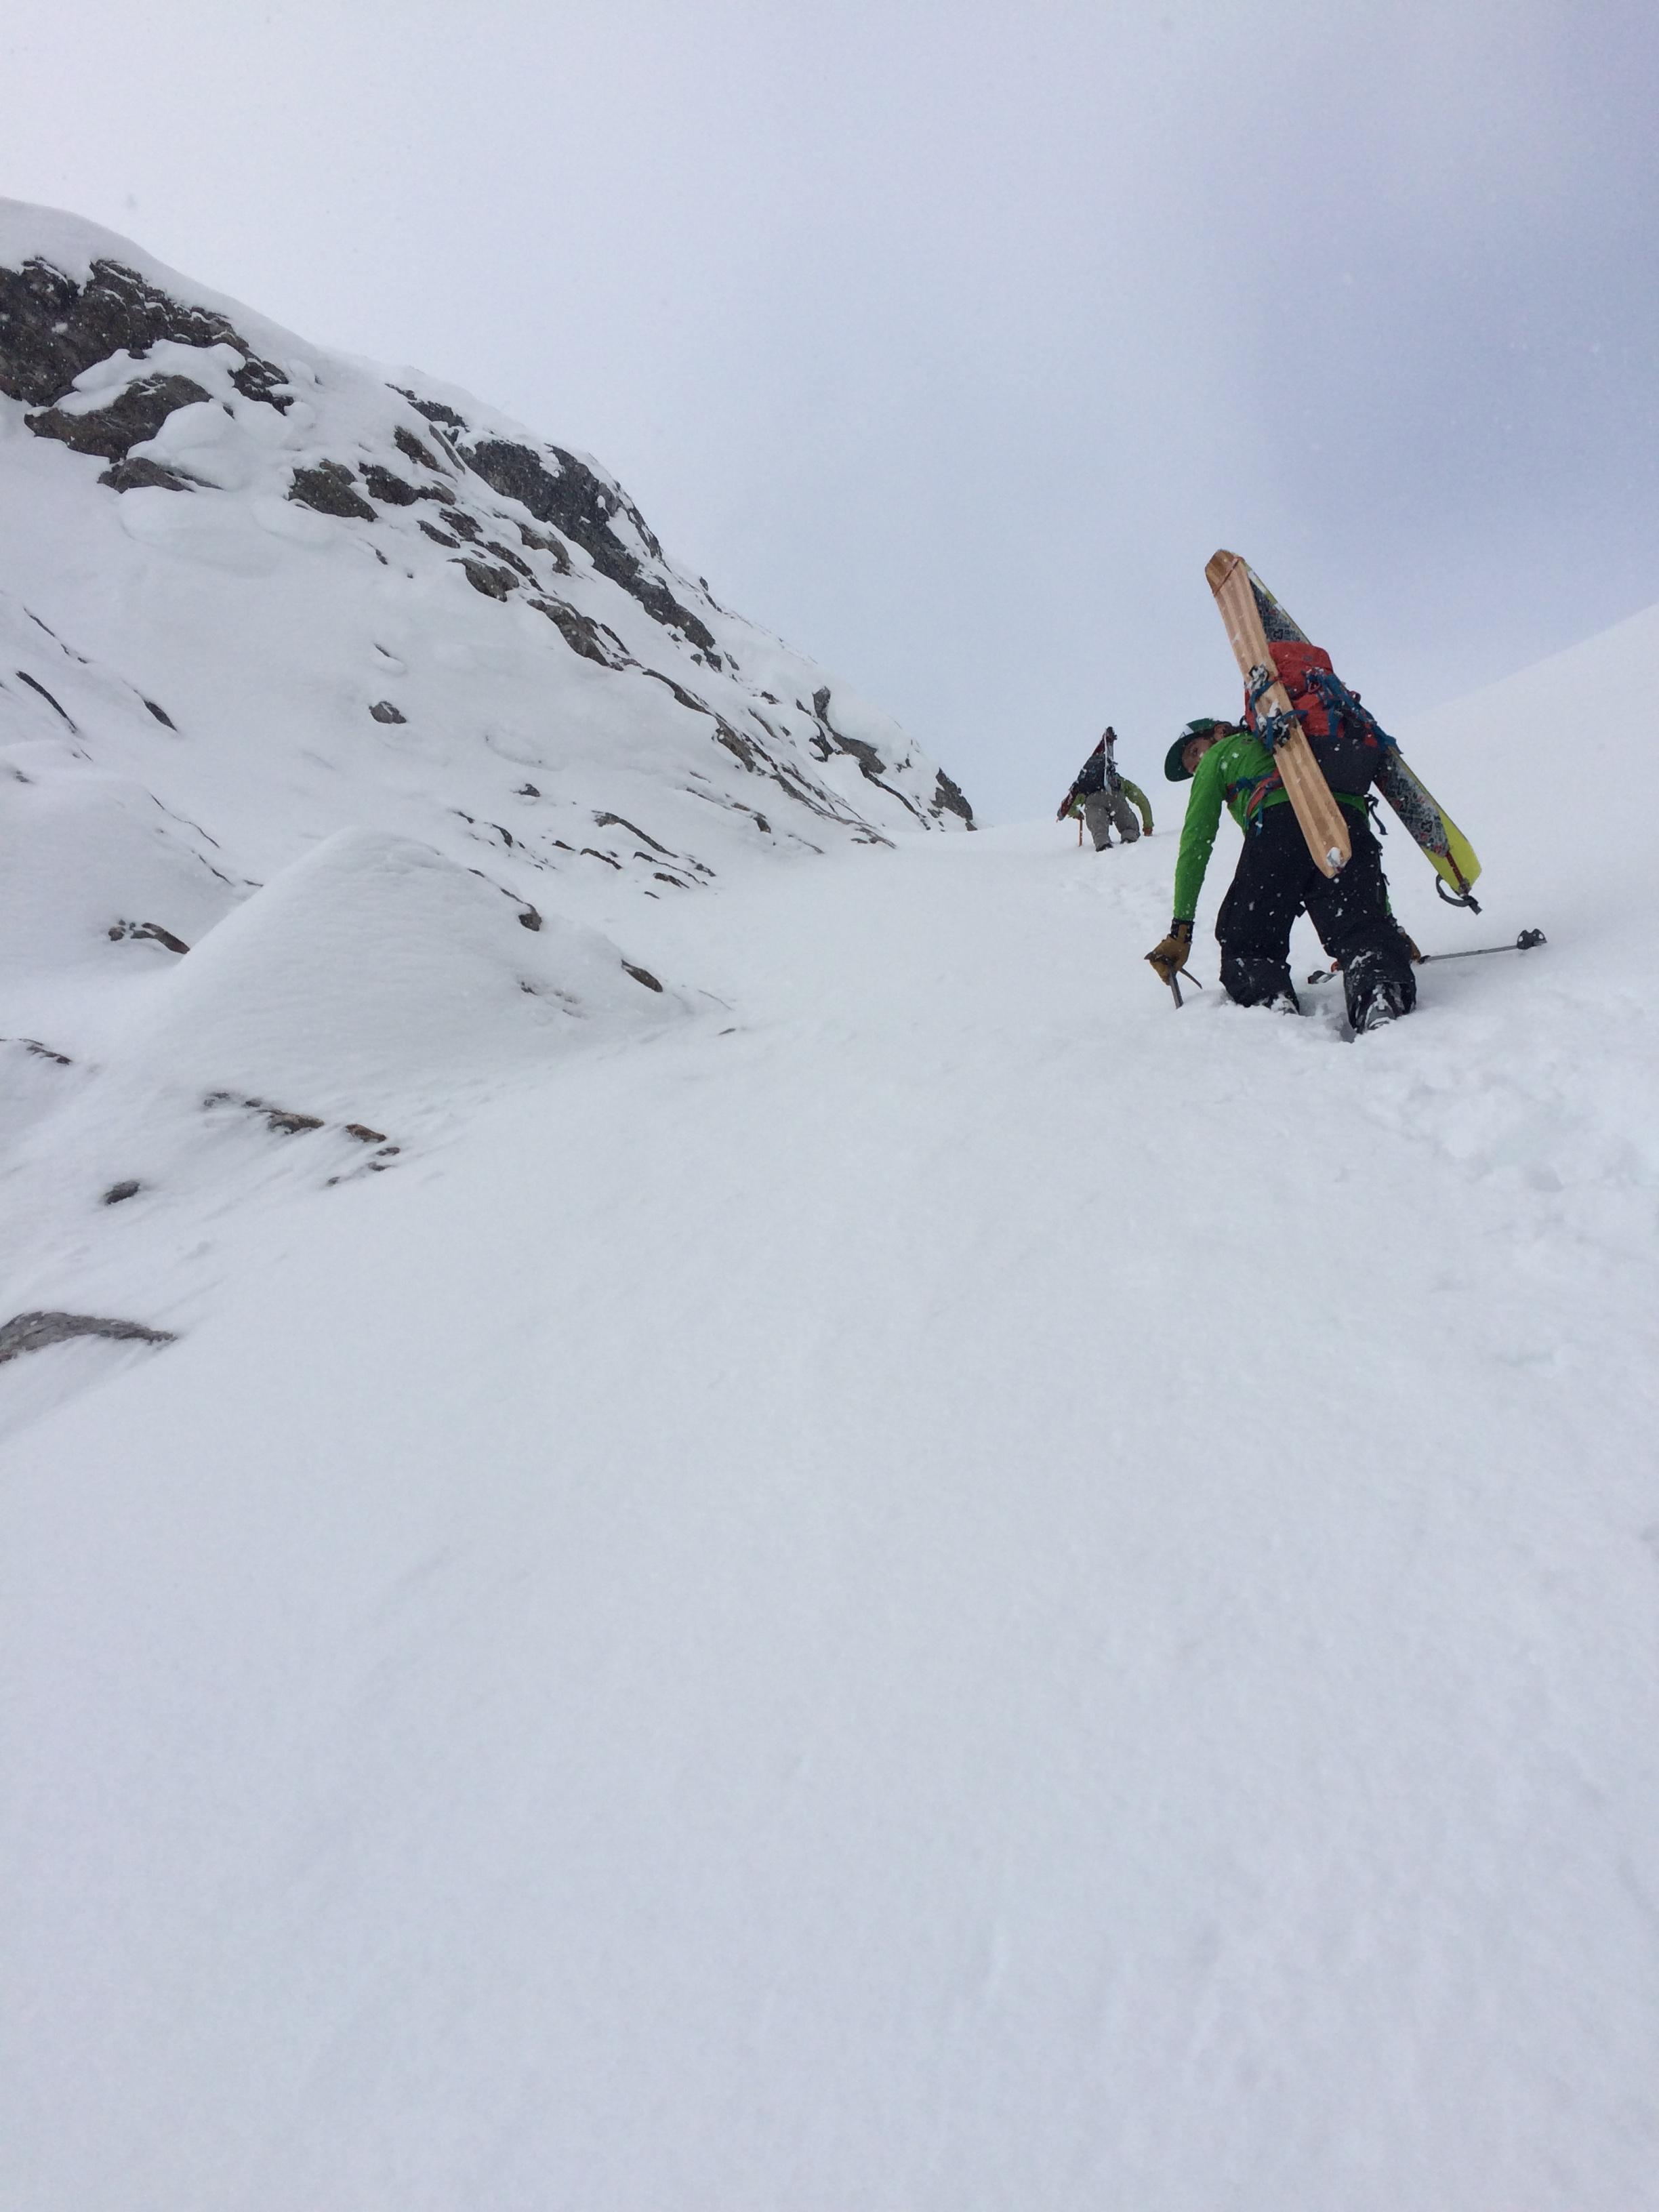 Bootpacking through the steep crux